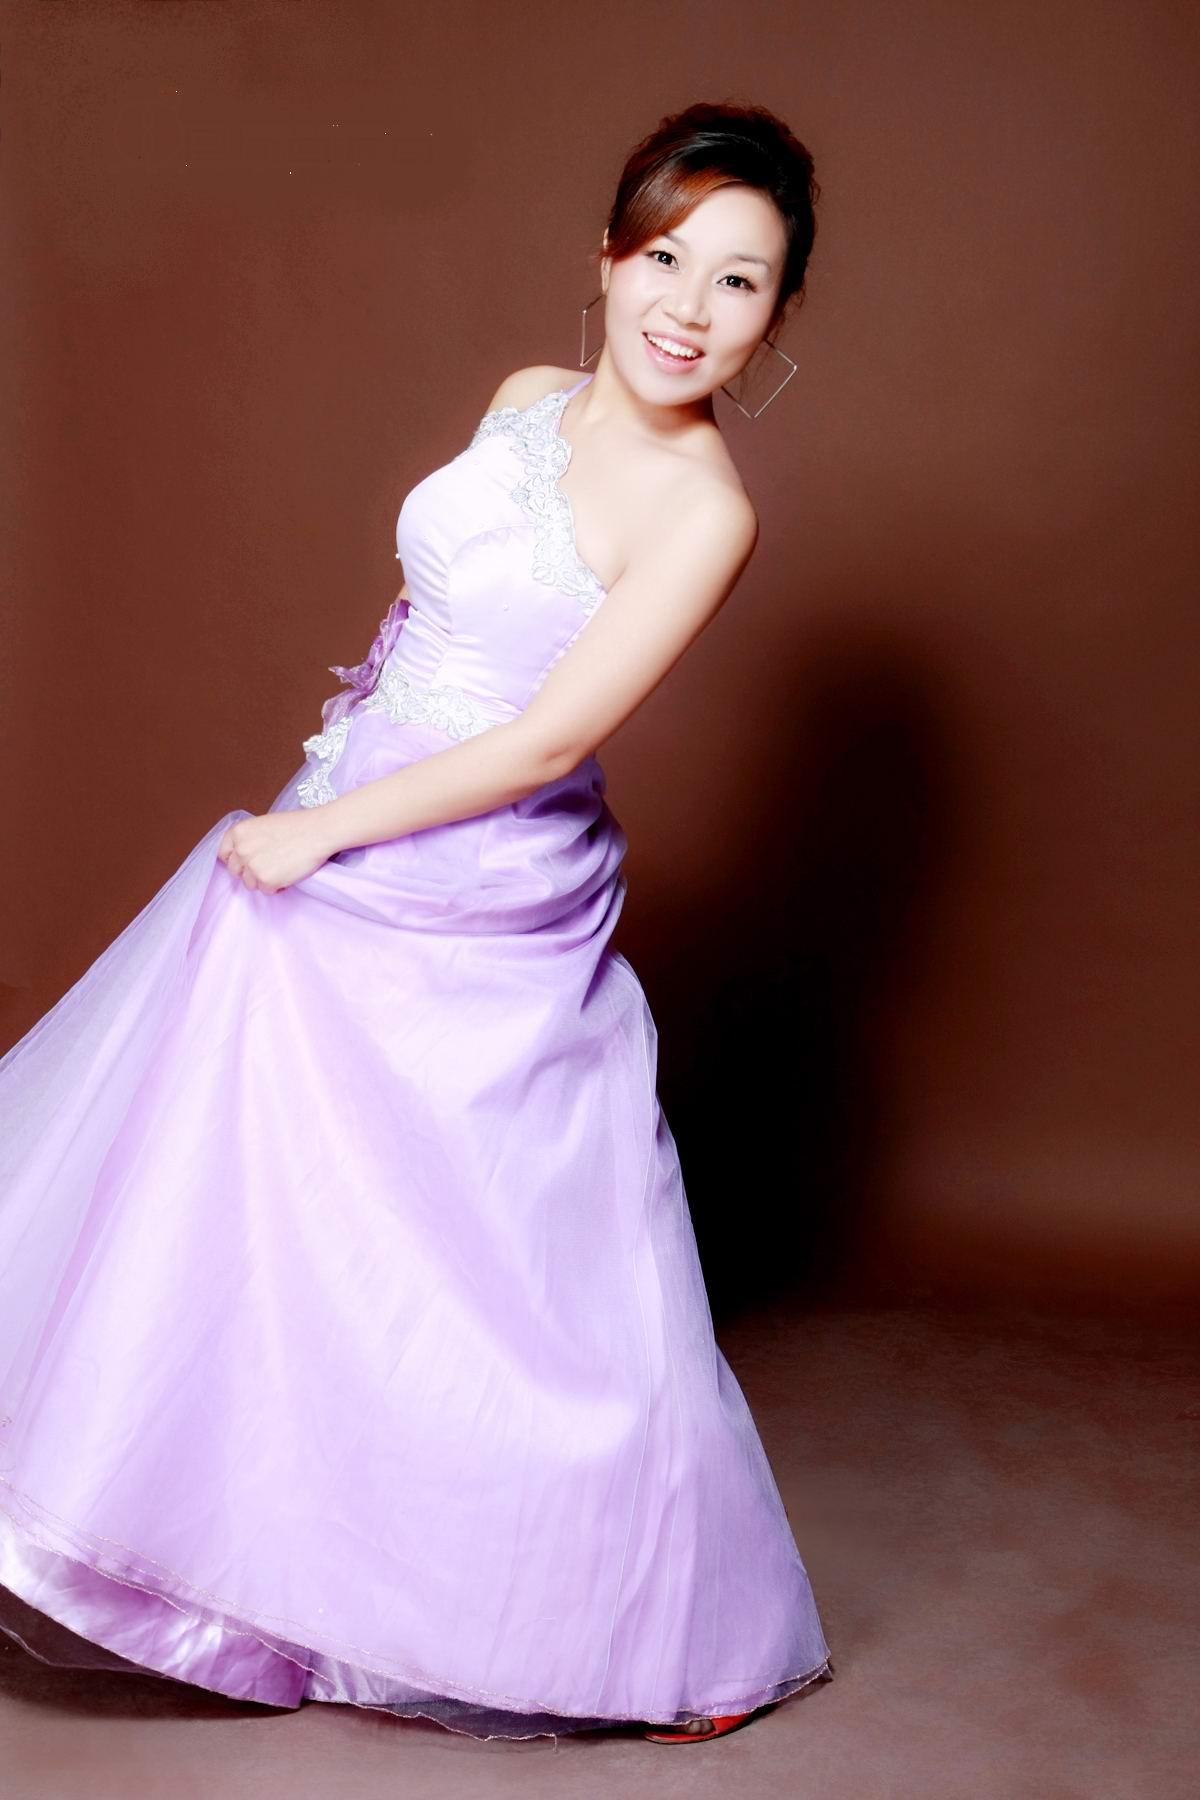 歌手 吕亚萍